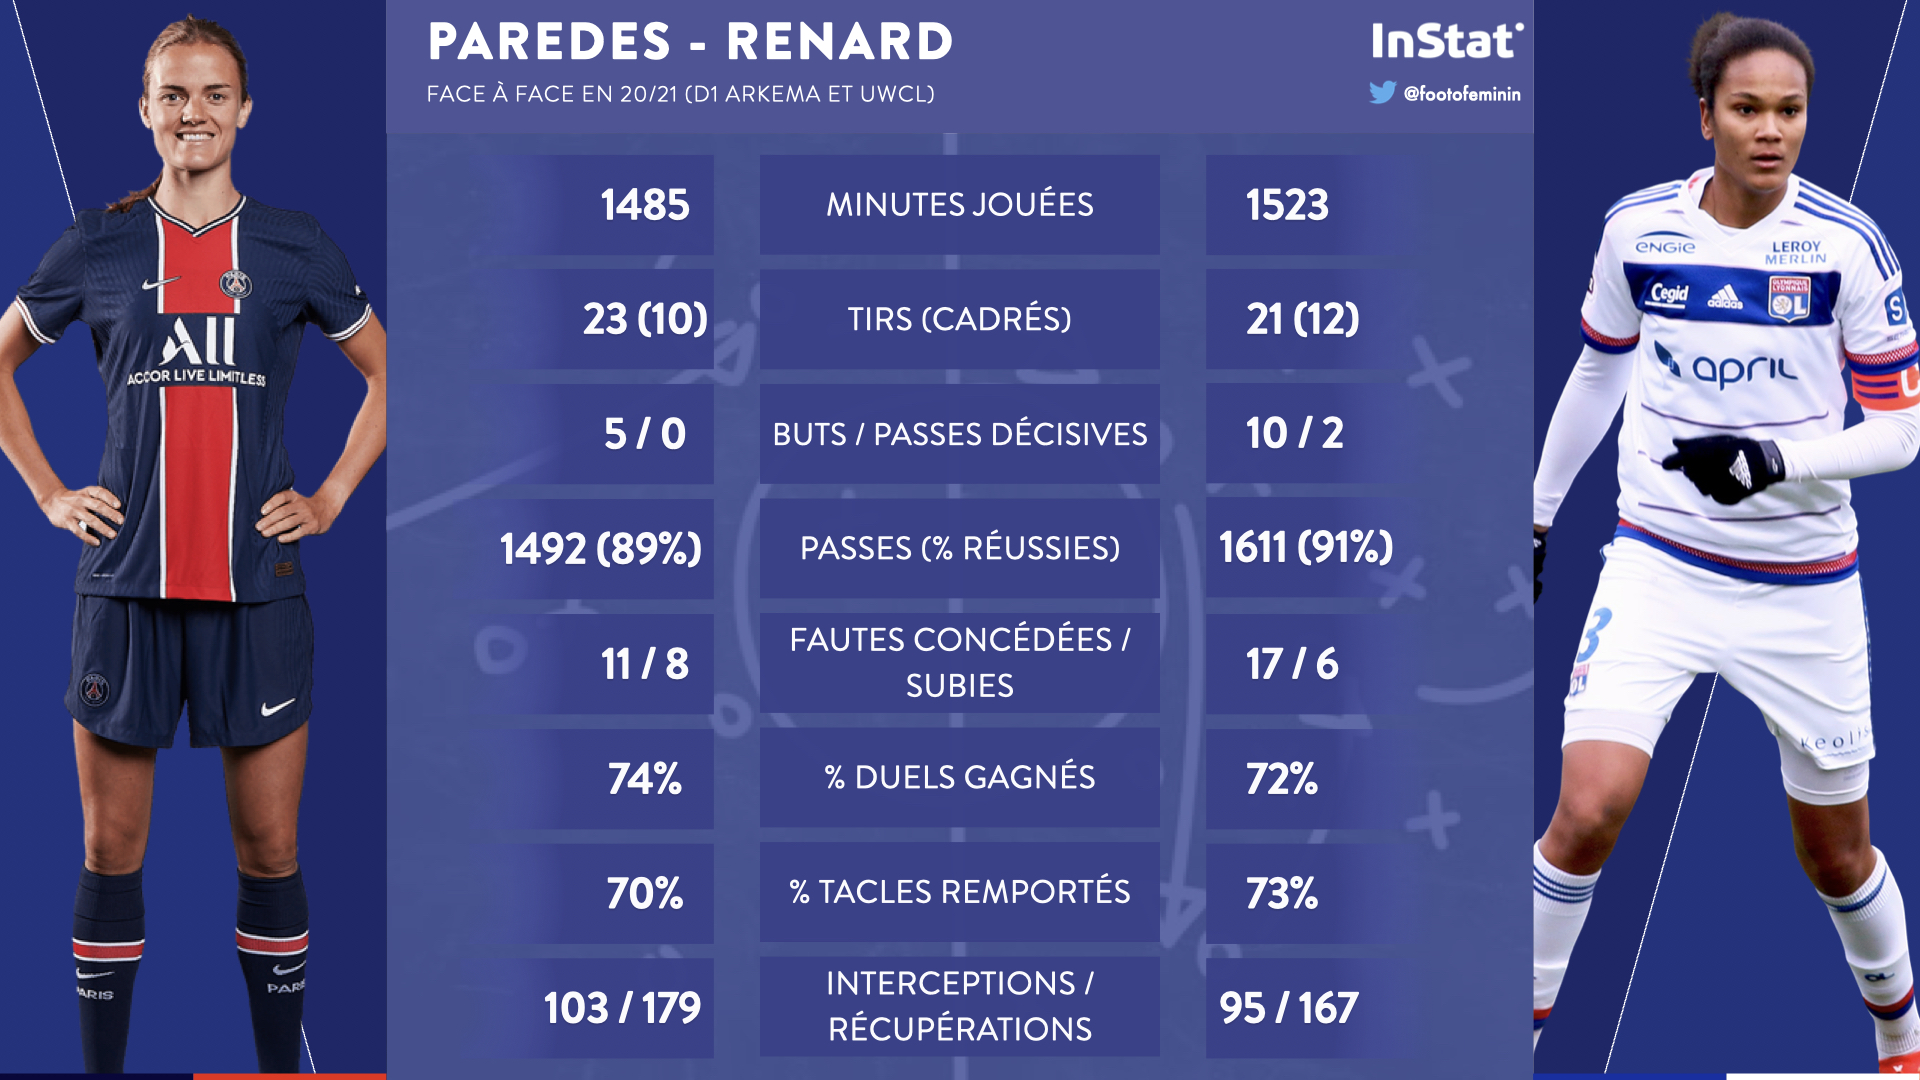 Bilan statistiques de Paredes et Renard sur la saison en cours